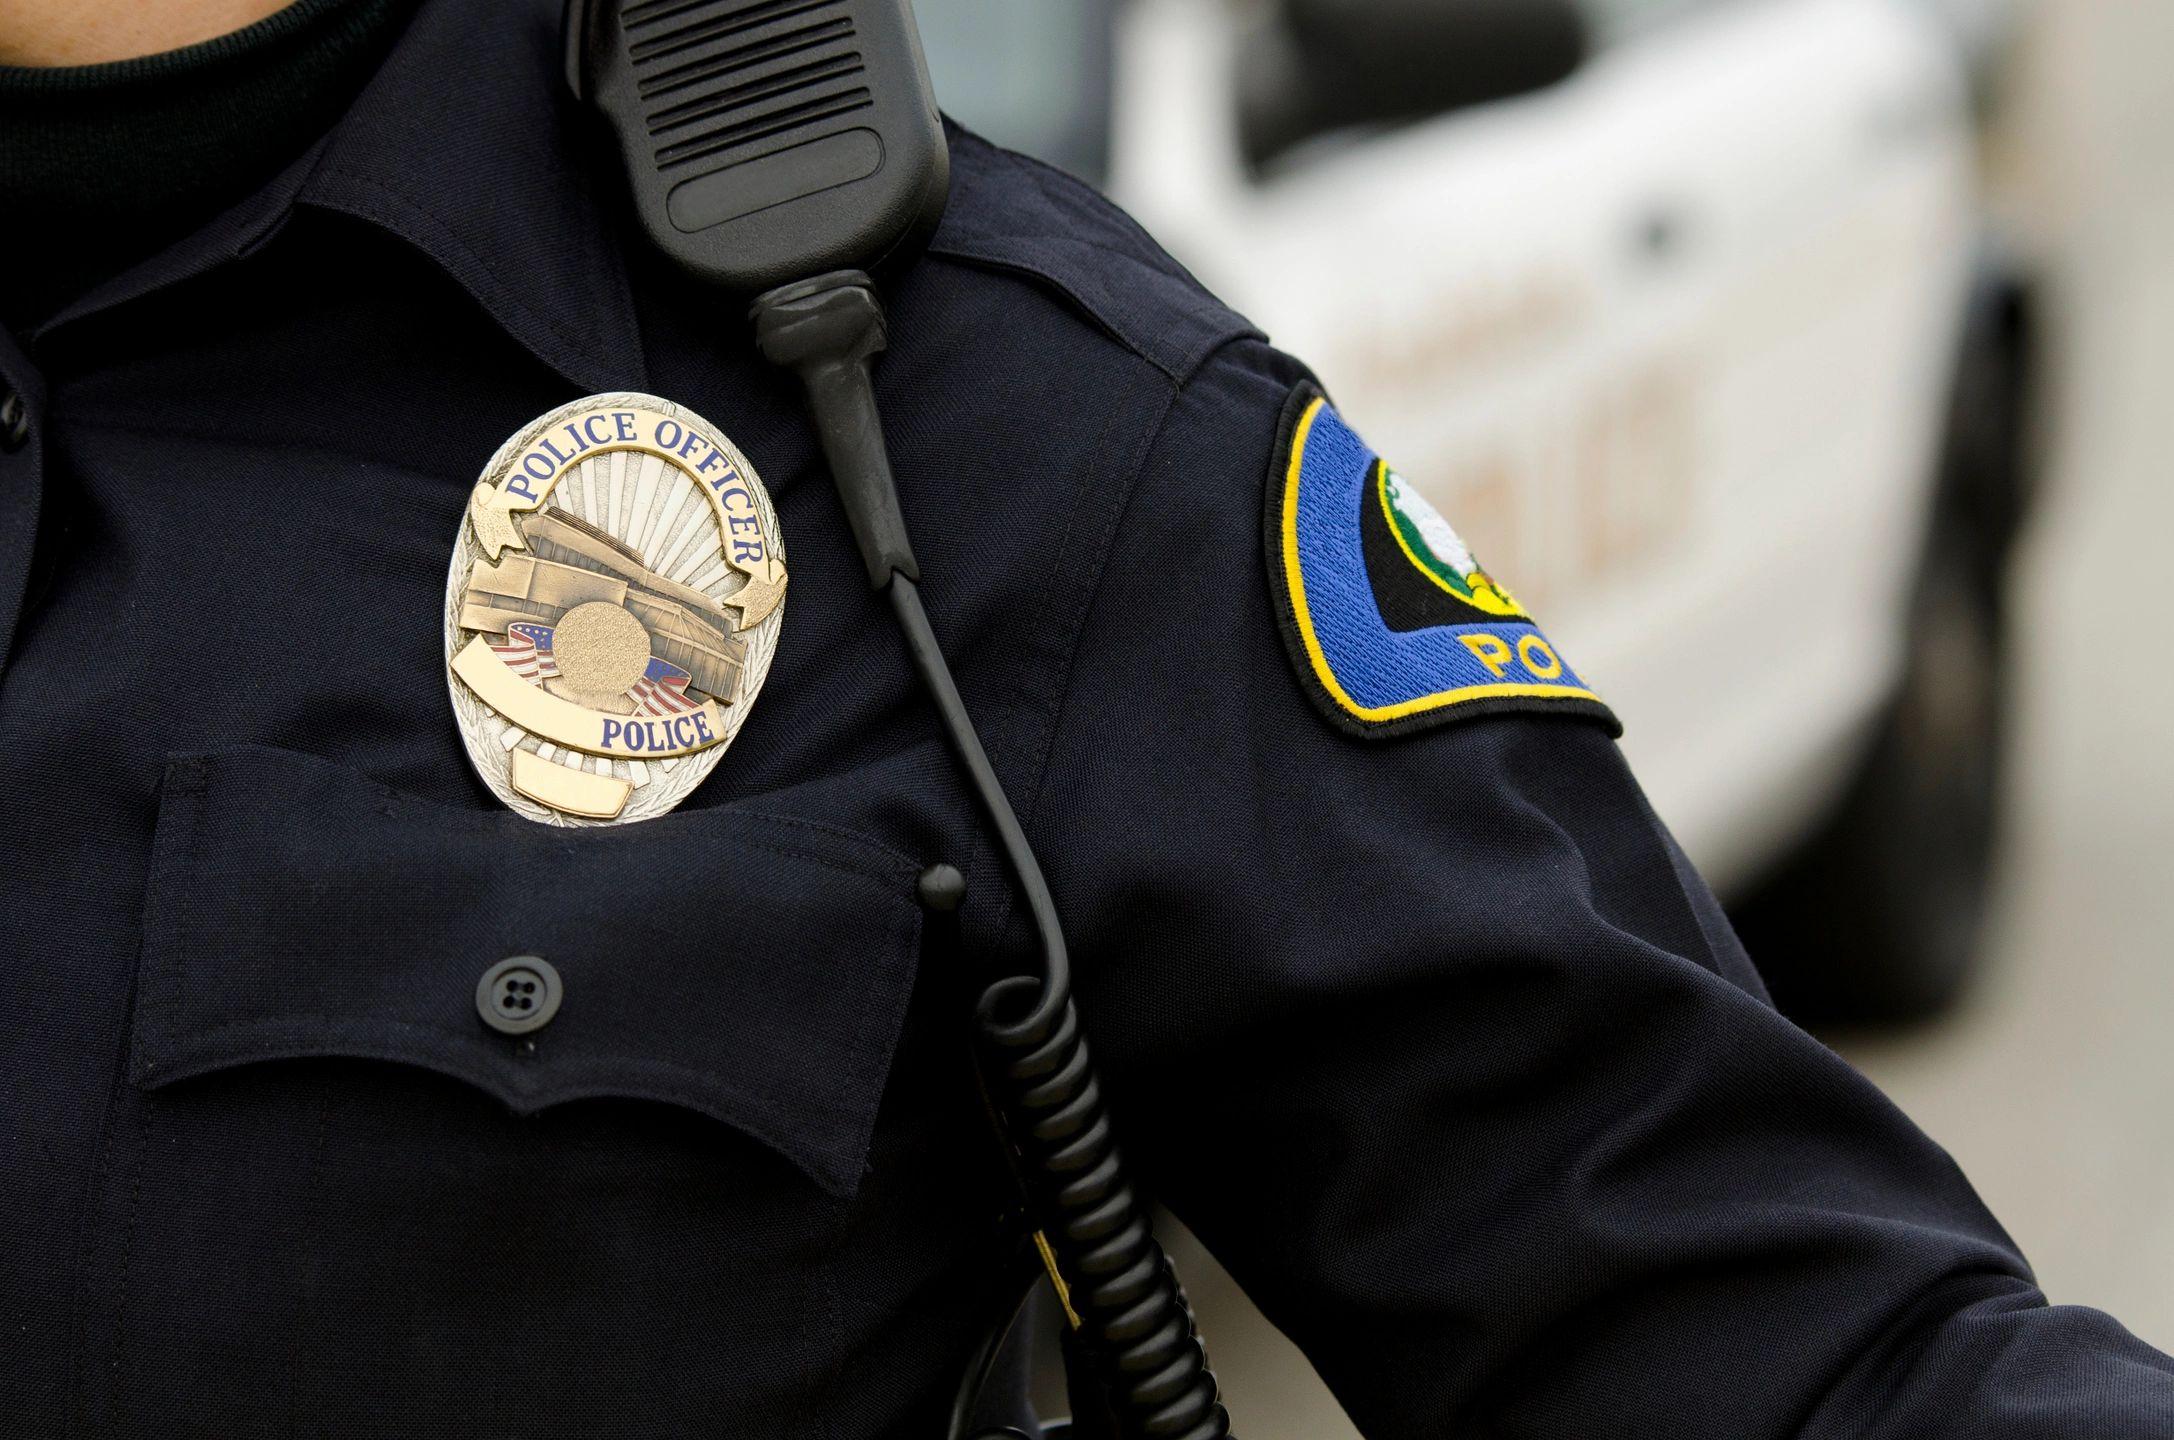 Photo of SOMERVILLE POLICE OFFICERS GET BULLET PROOF VESTS